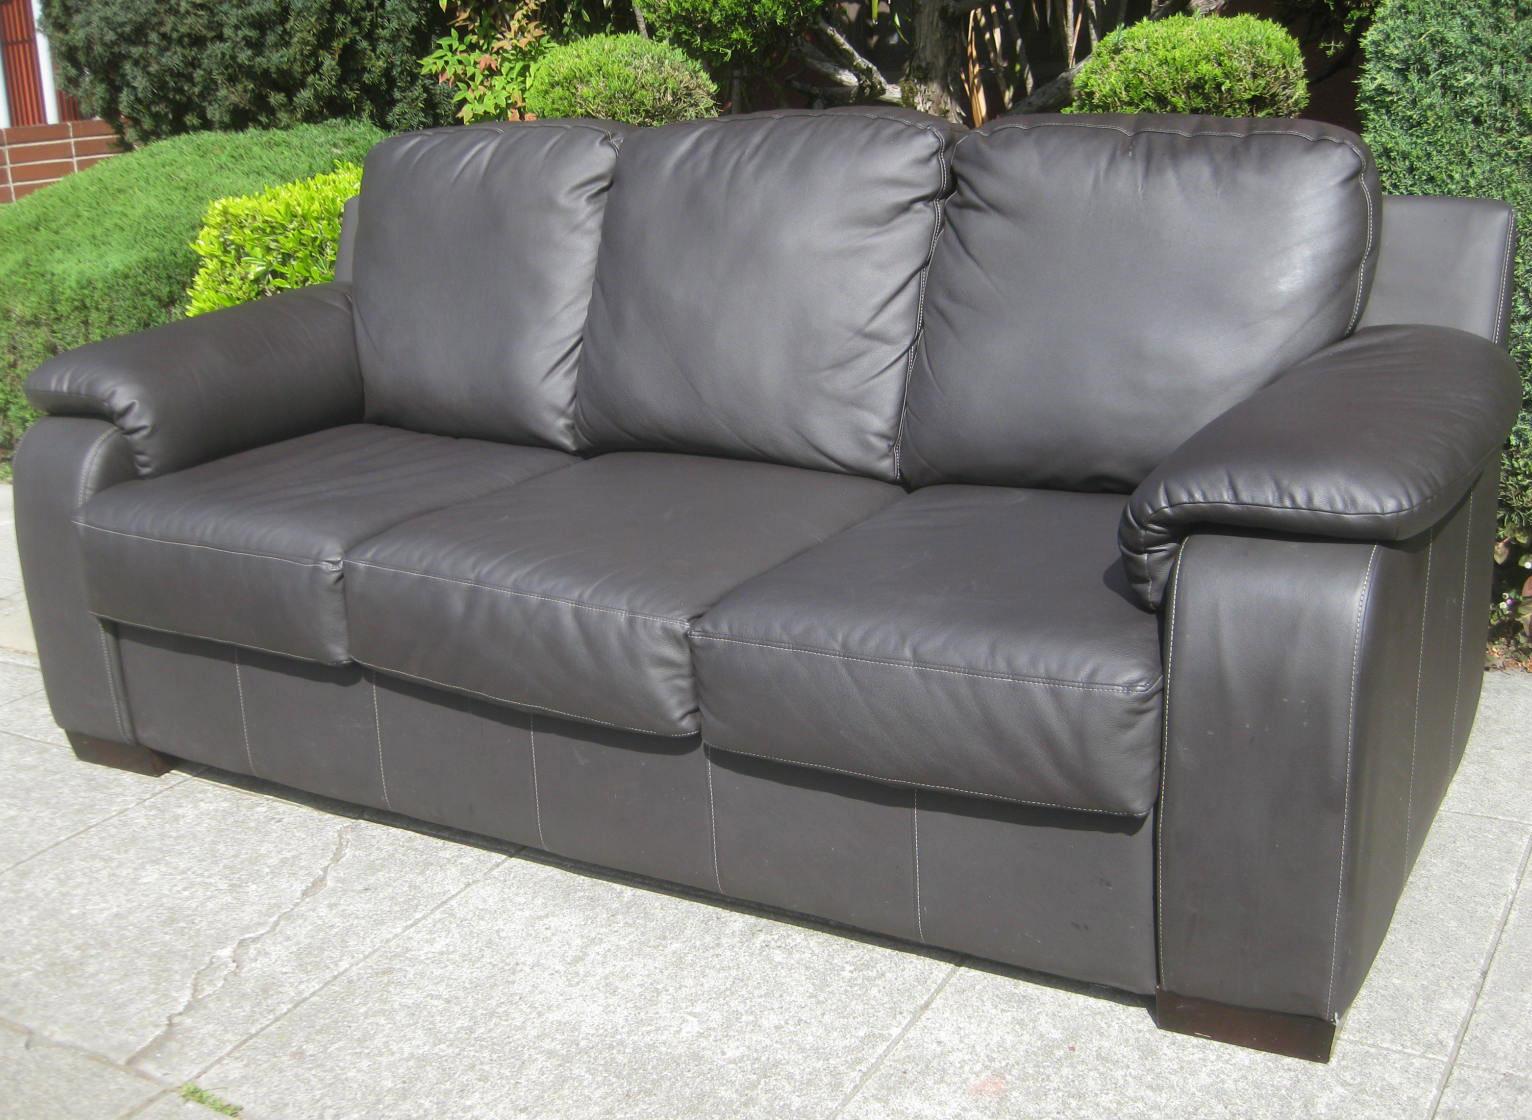 Pleather Sofas Leather Coated Fabric Sofas Ikea Thesofa